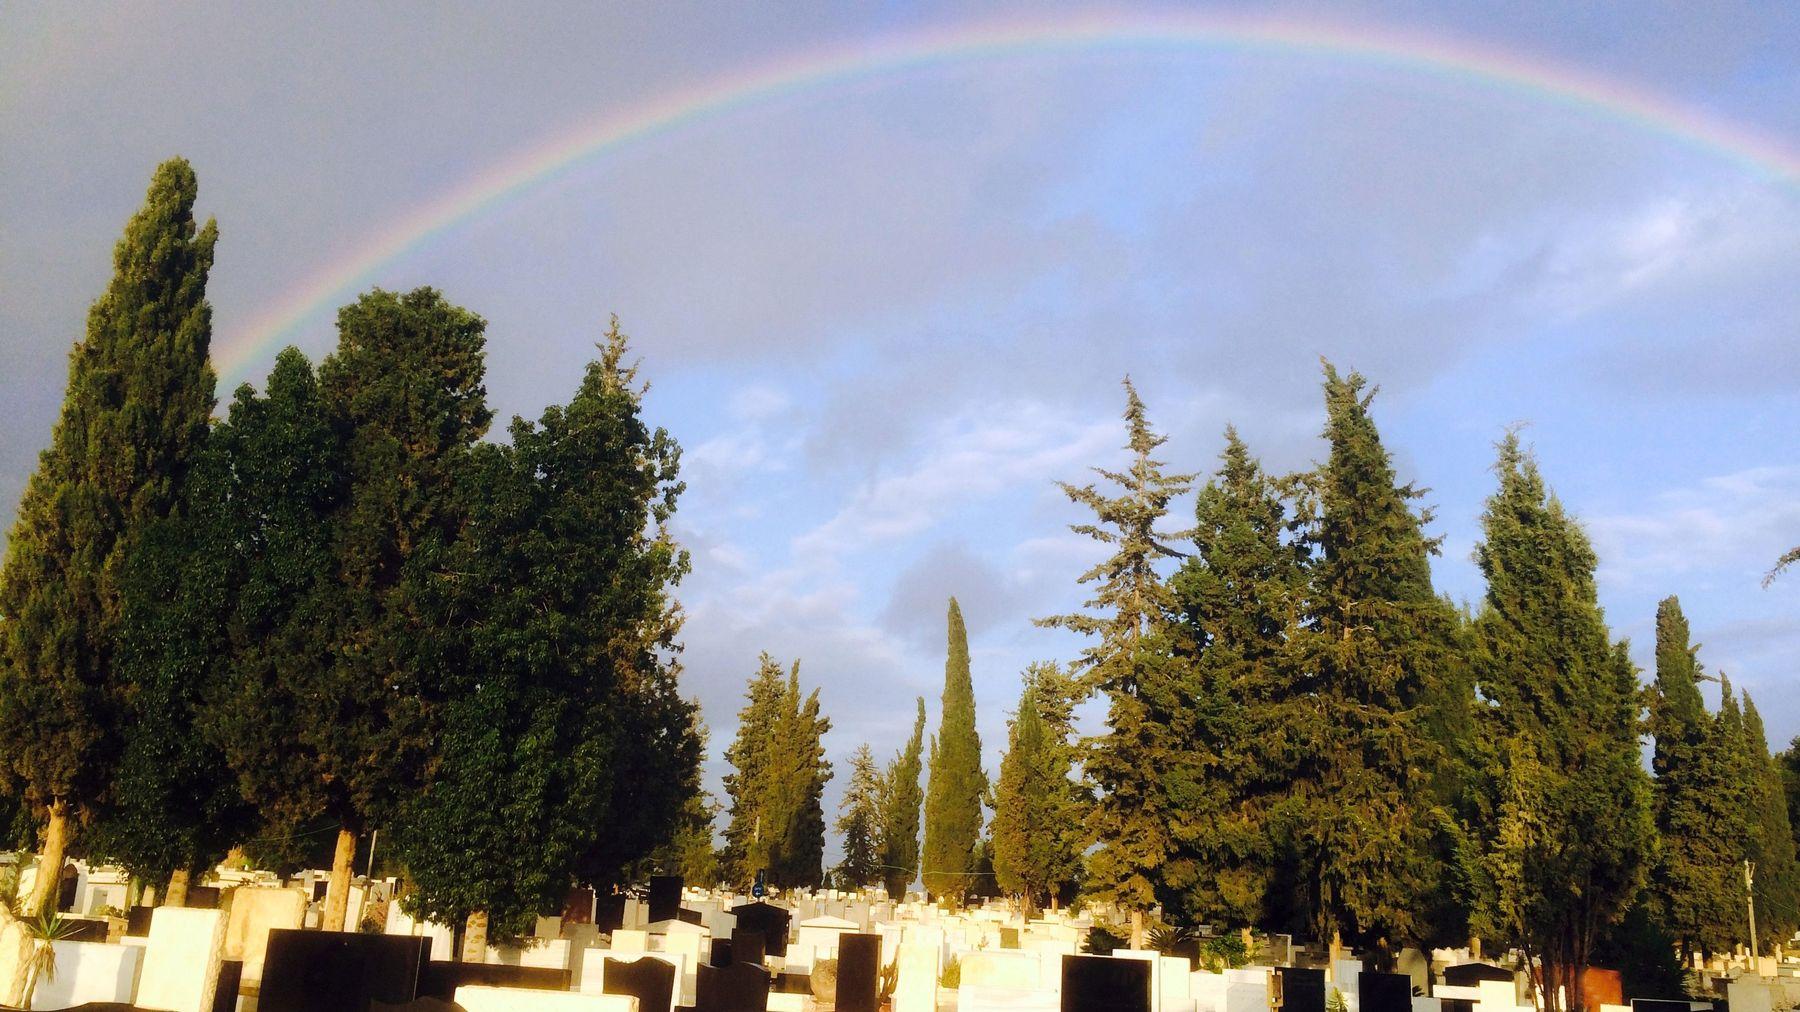 İntihar Eden Eşcinsel Lise Öğrencisi Gökkuşağı Renkli Bir Tabut İle Son Yolculuğuna Uğurlandı